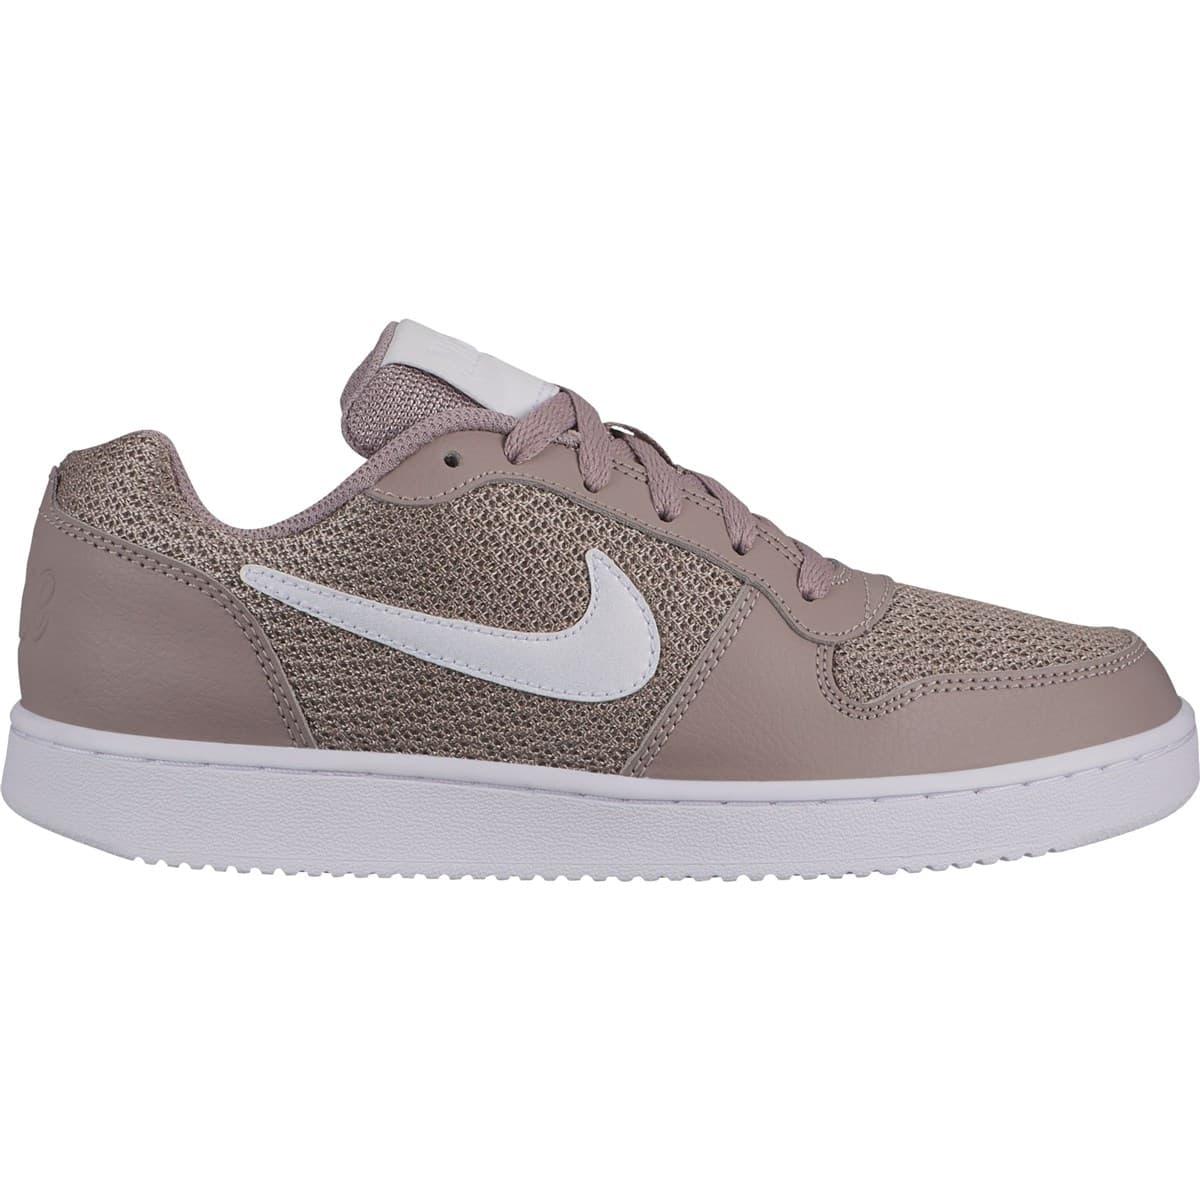 Ebernon Low Kadın Günlük Spor Ayakkabı